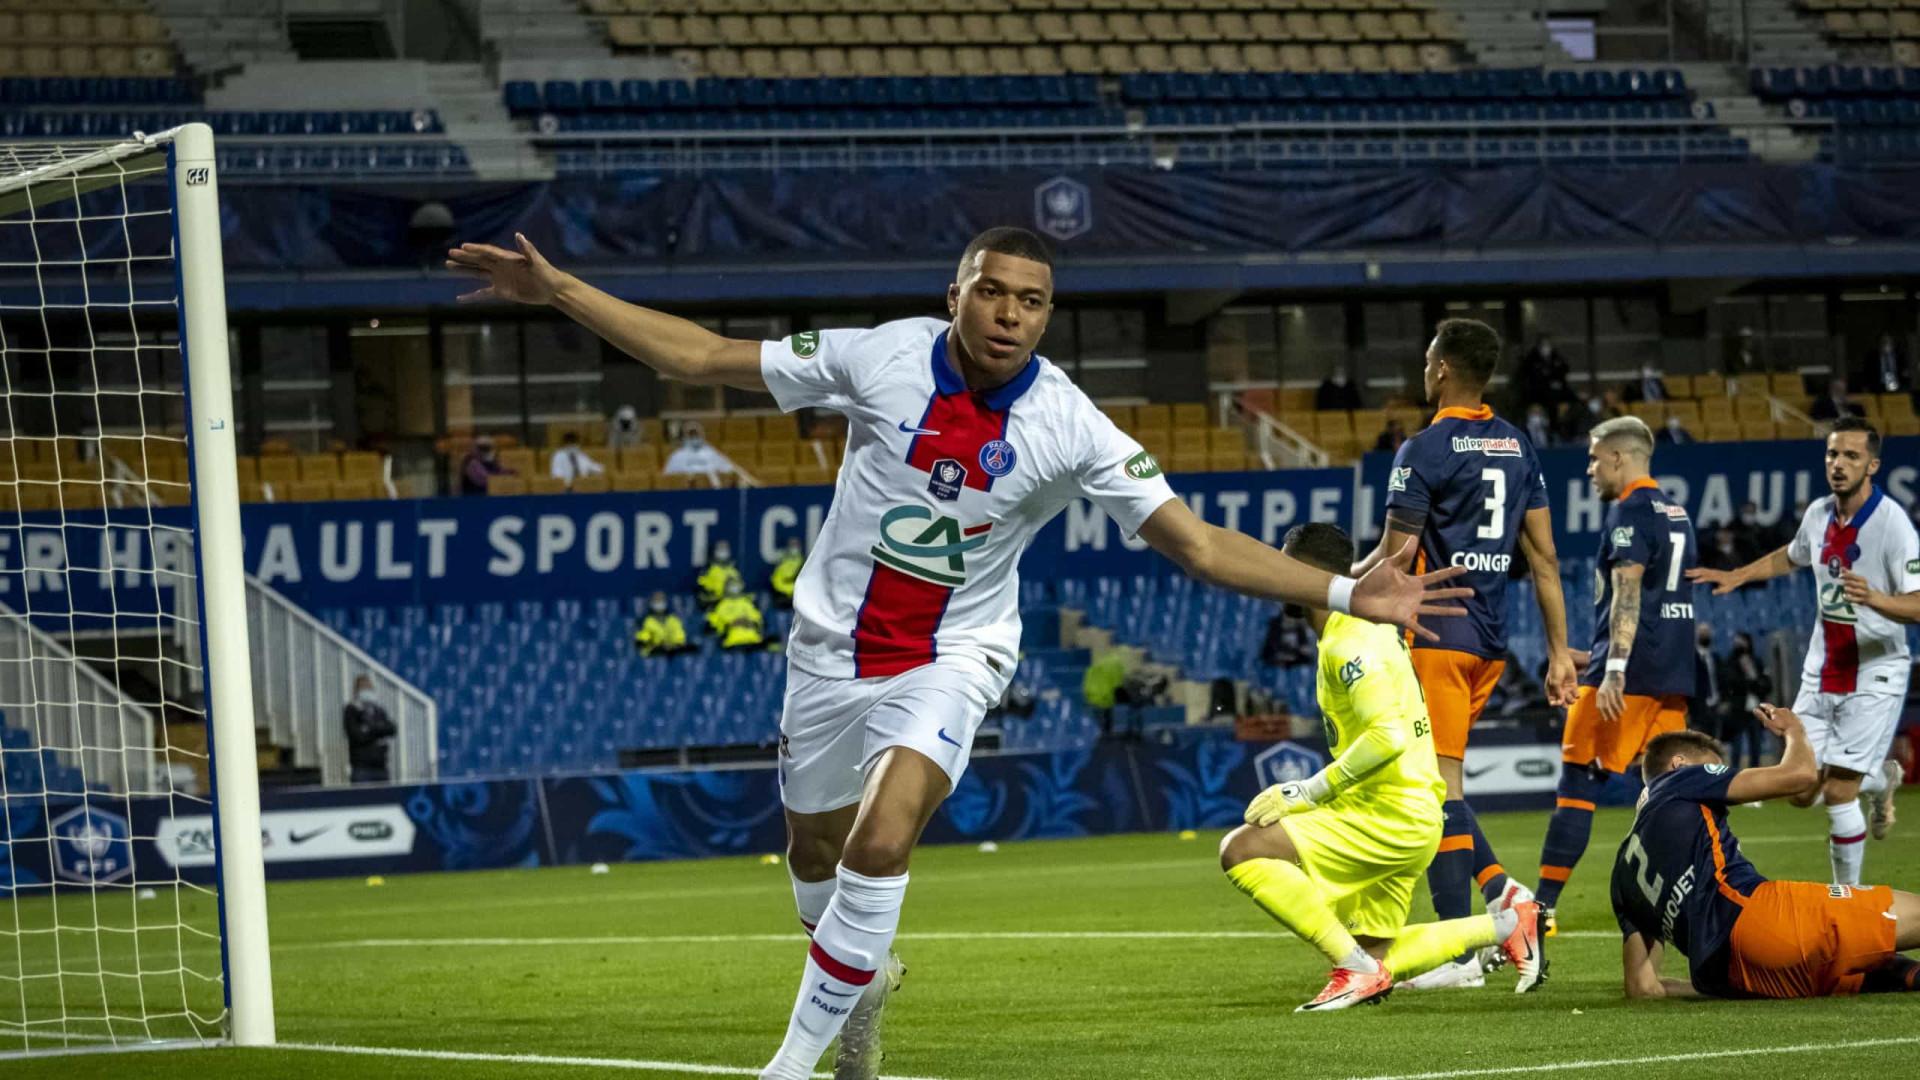 PSG treme frente ao Montpellier, mas assegura passagem à final da Taça